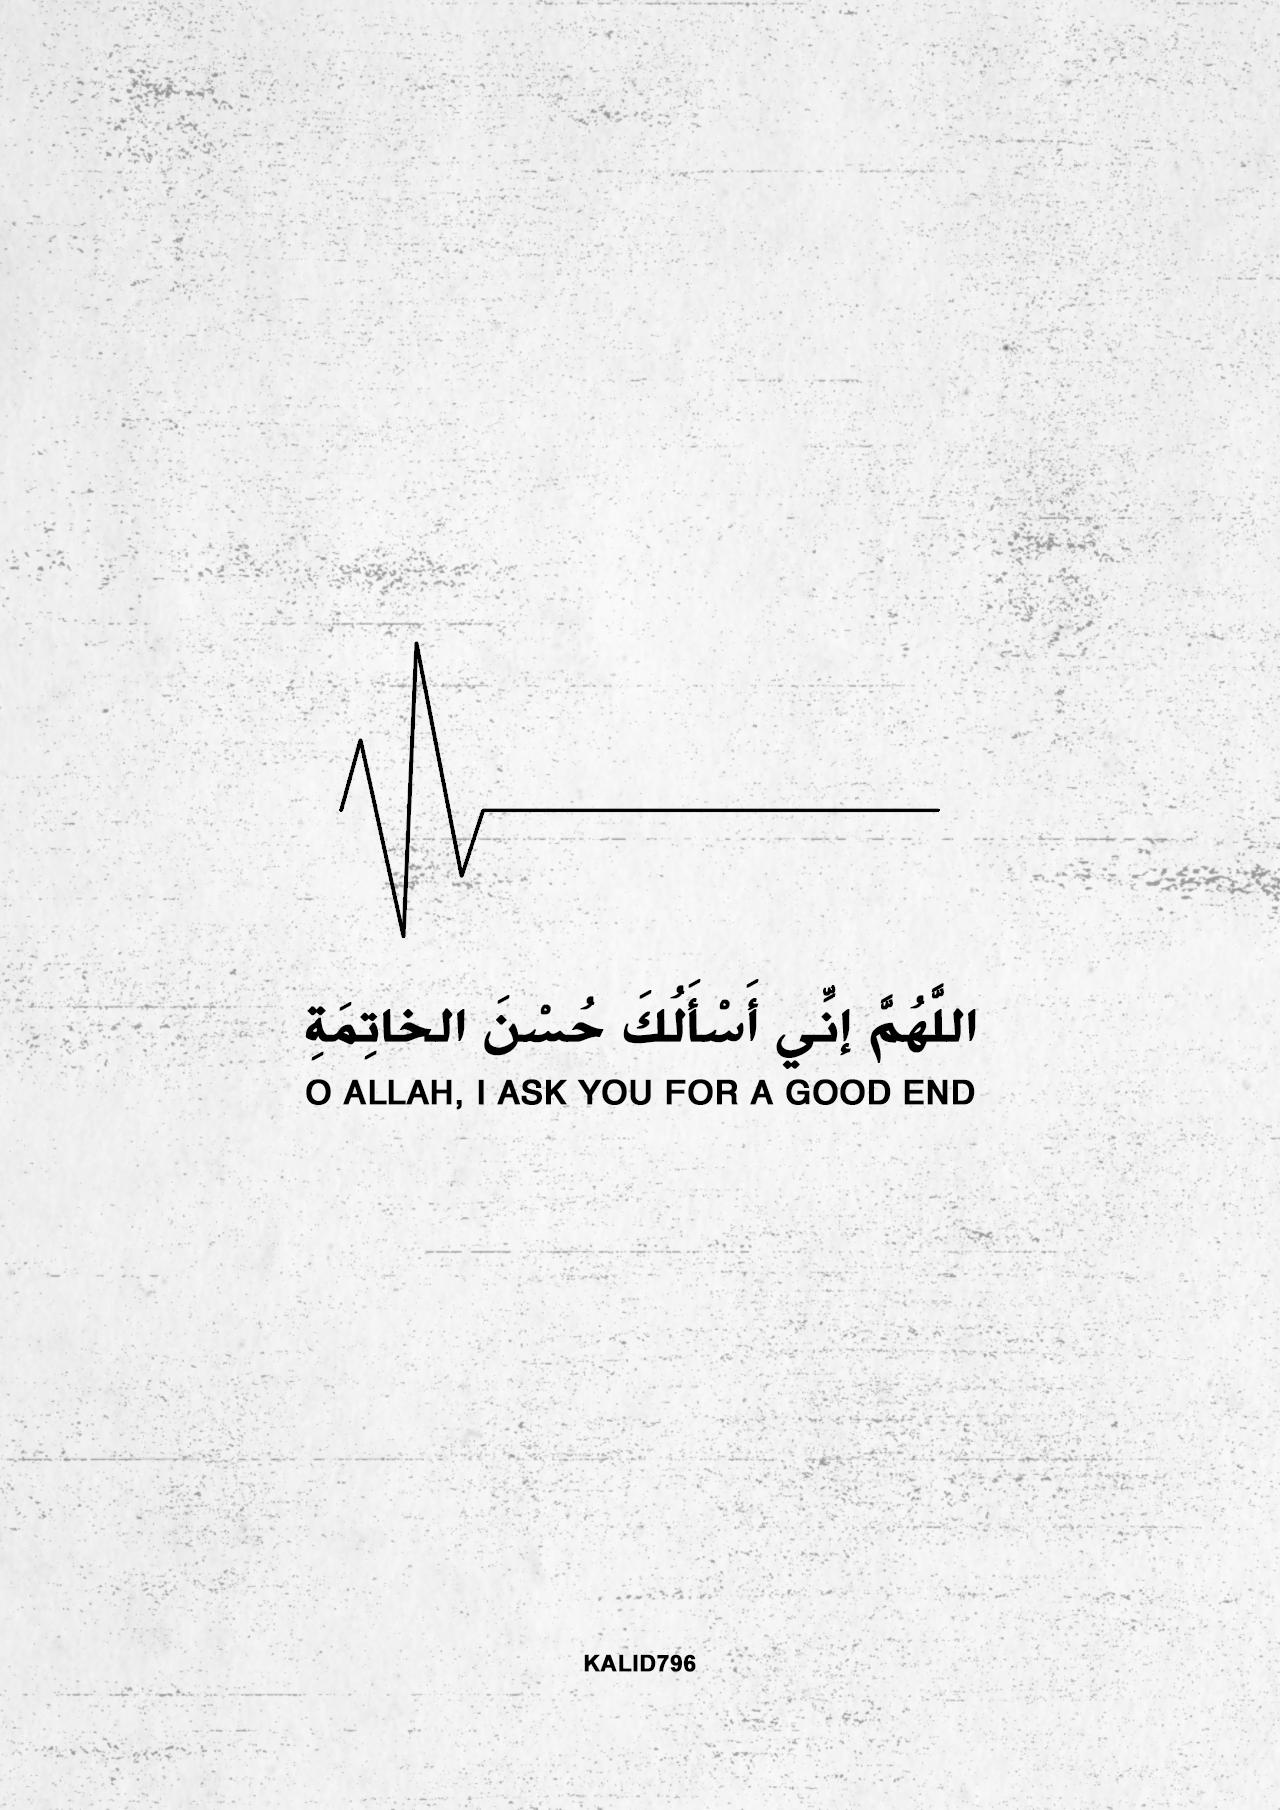 بالصور دعاء حسن الخاتمة , ما هو دعاء حسن الخاتمة 934